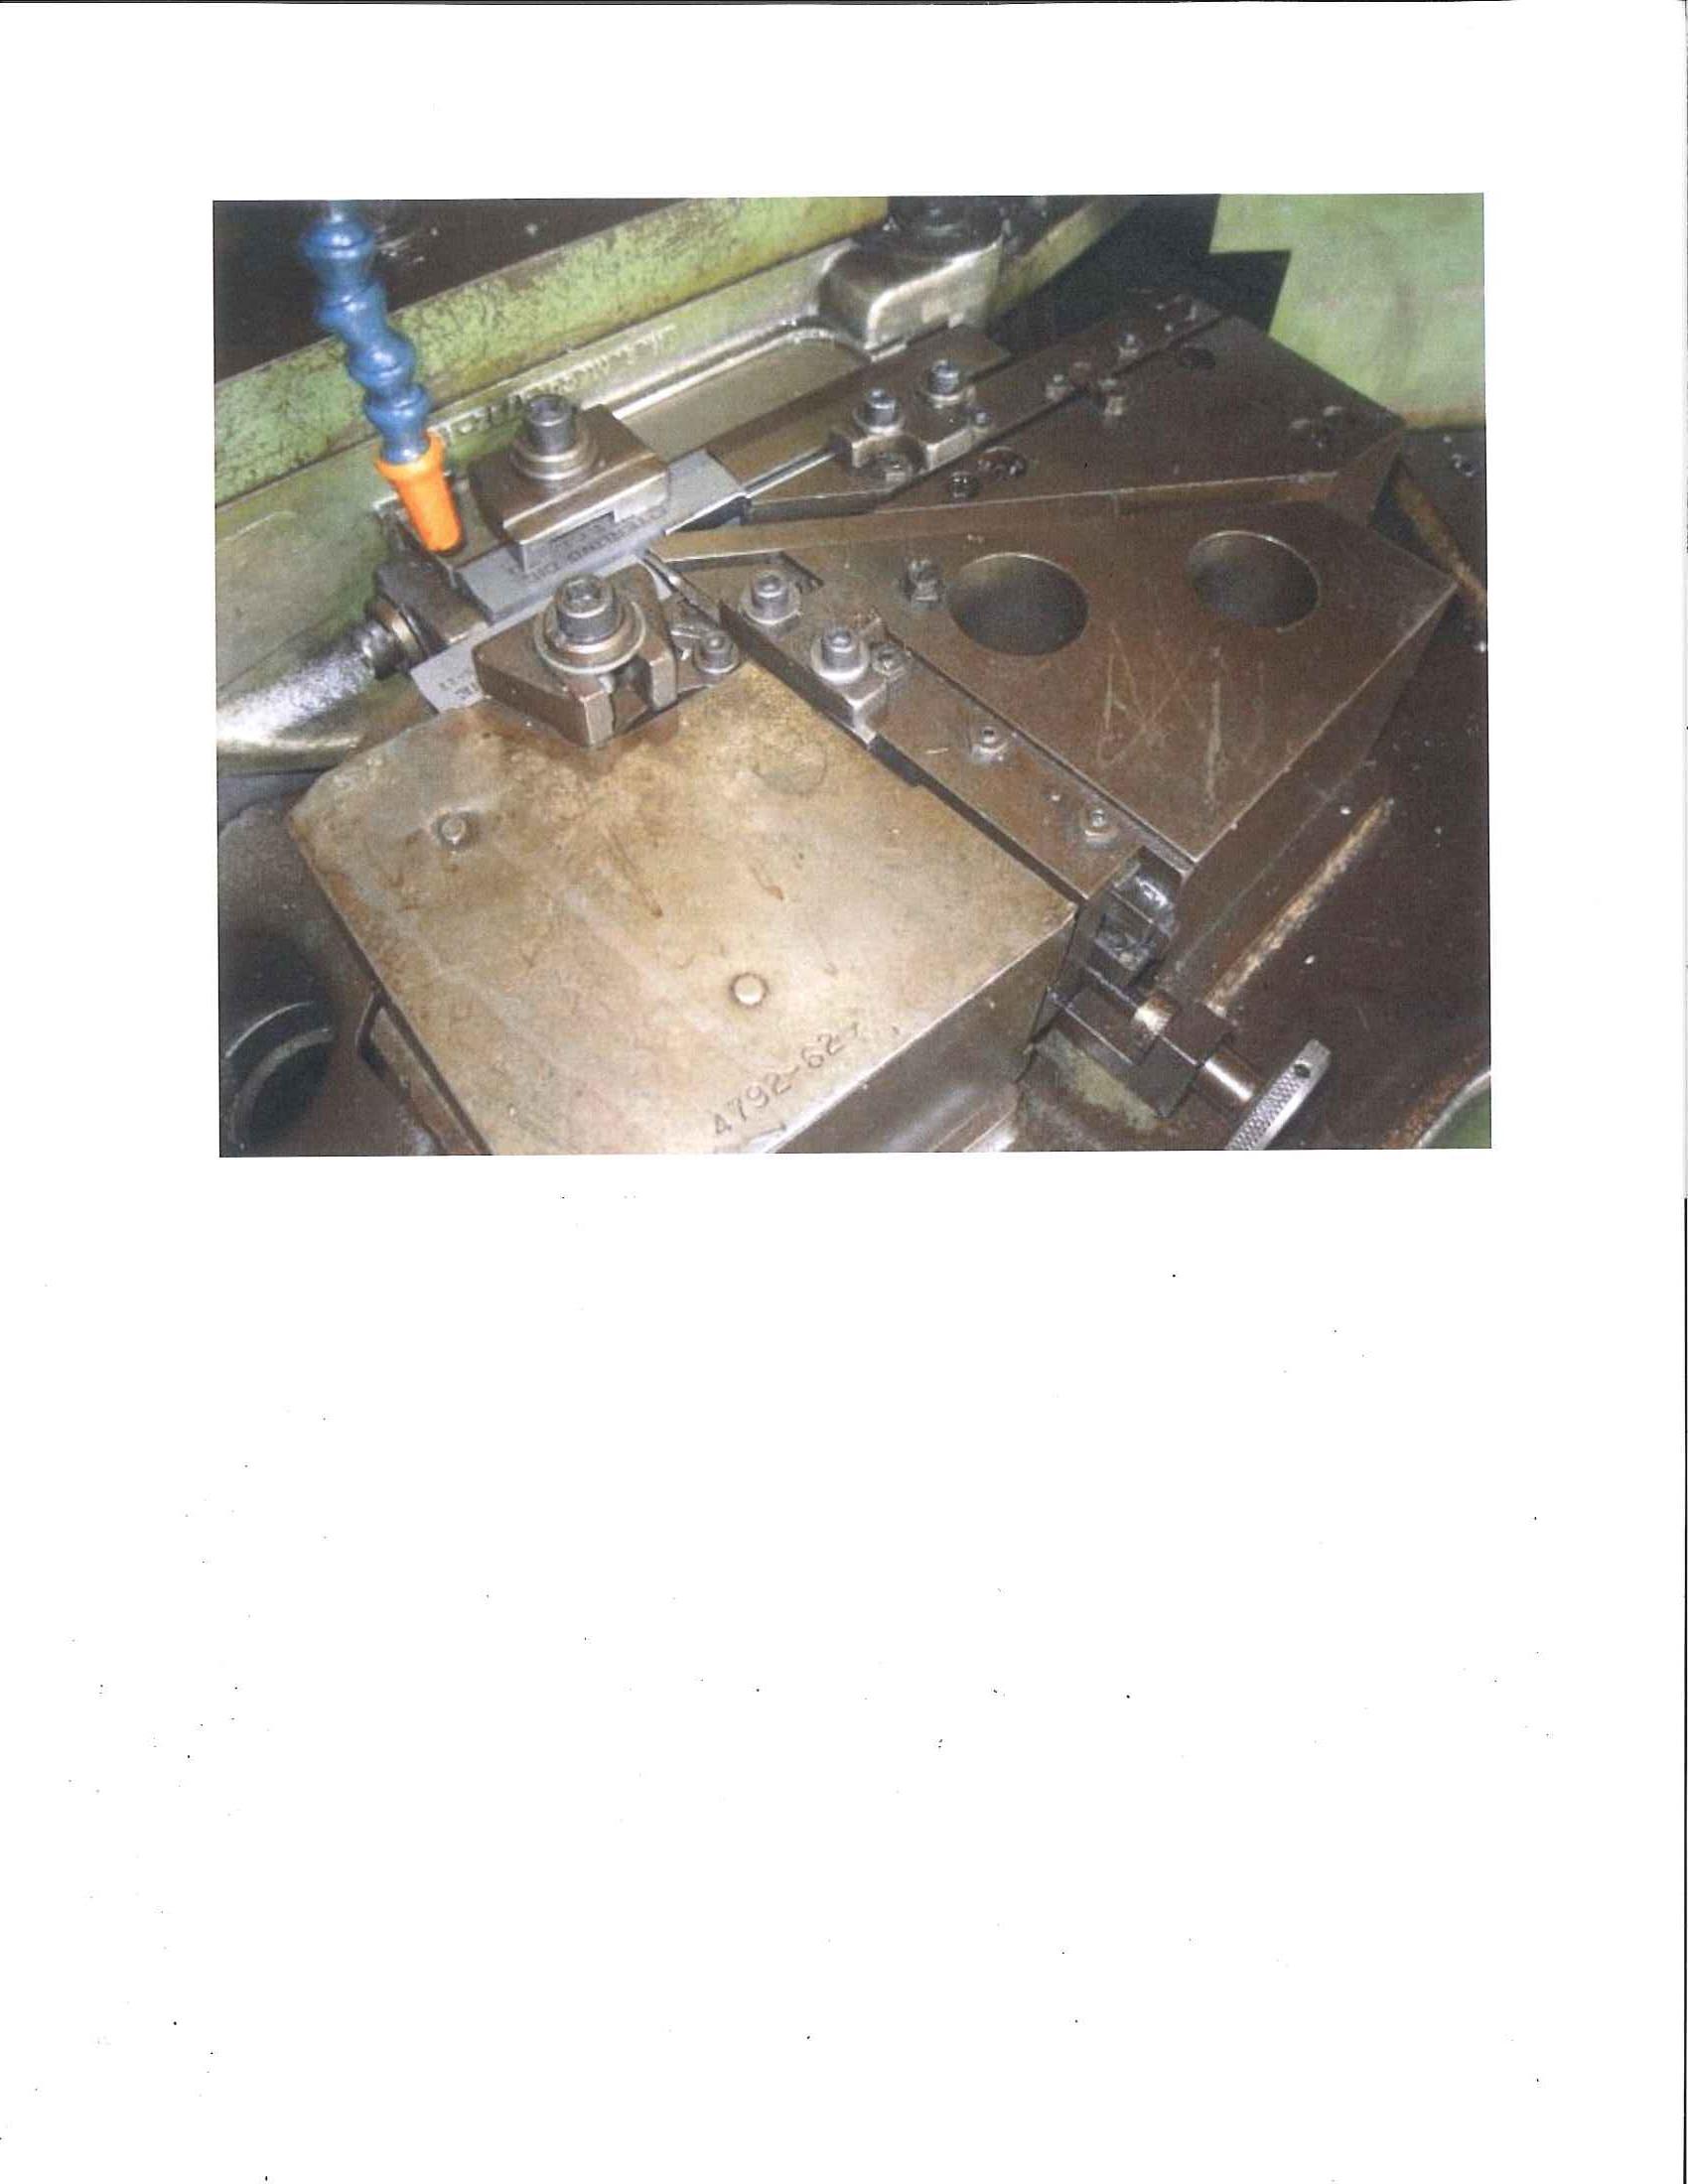 #0 Hartford Model 190 Thread Roller